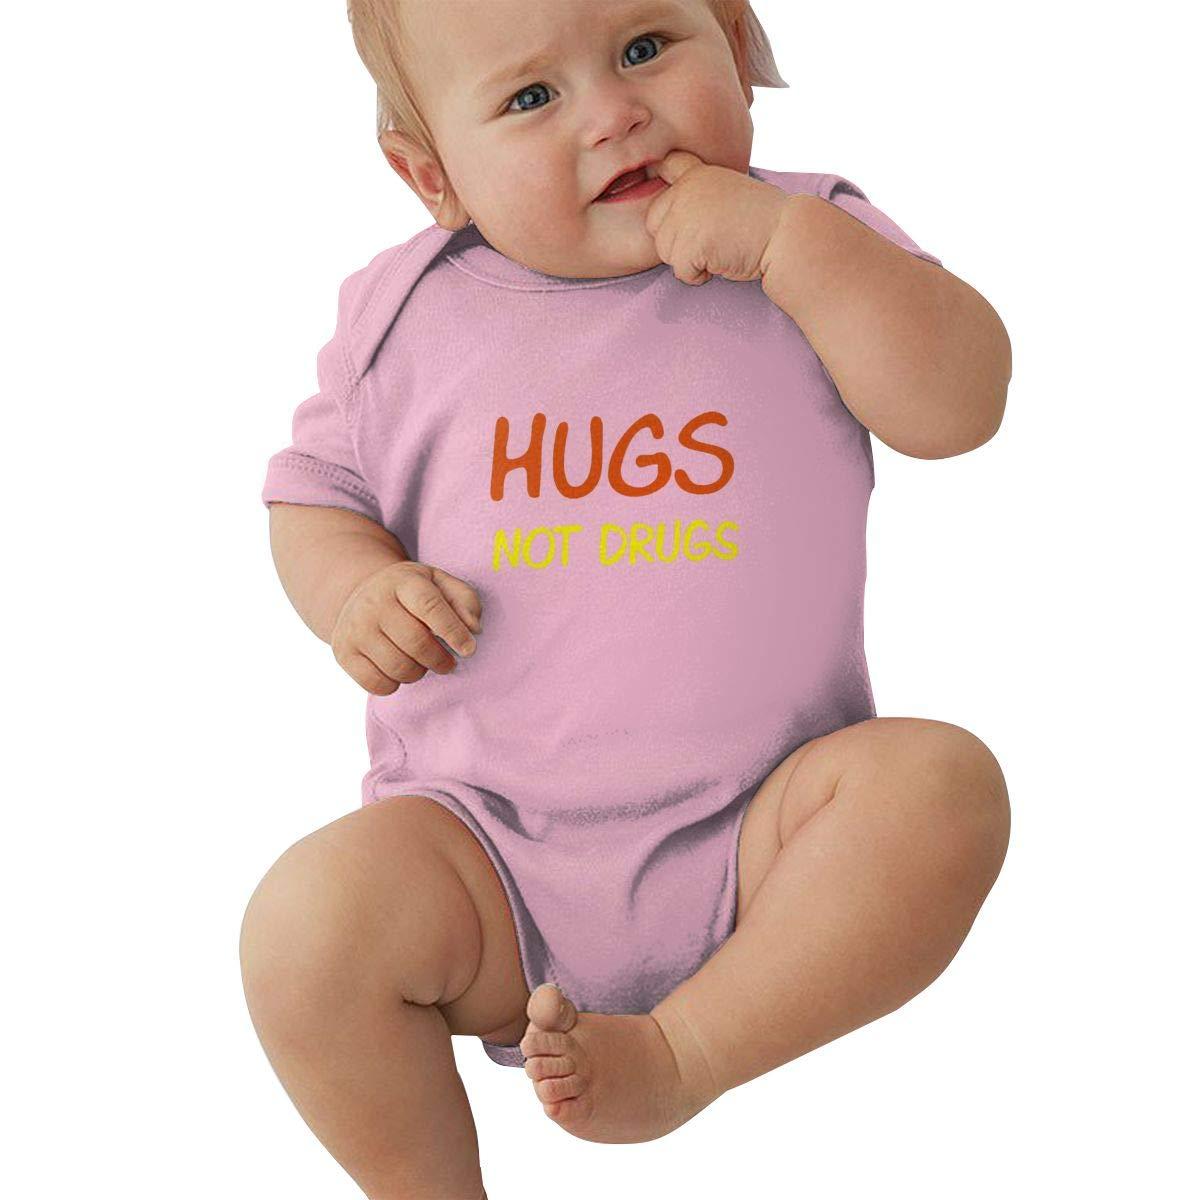 Hugs Not Drugs Logo Retro Newborn Baby Short Sleeve Bodysuit Romper Infant Summer Clothing Black